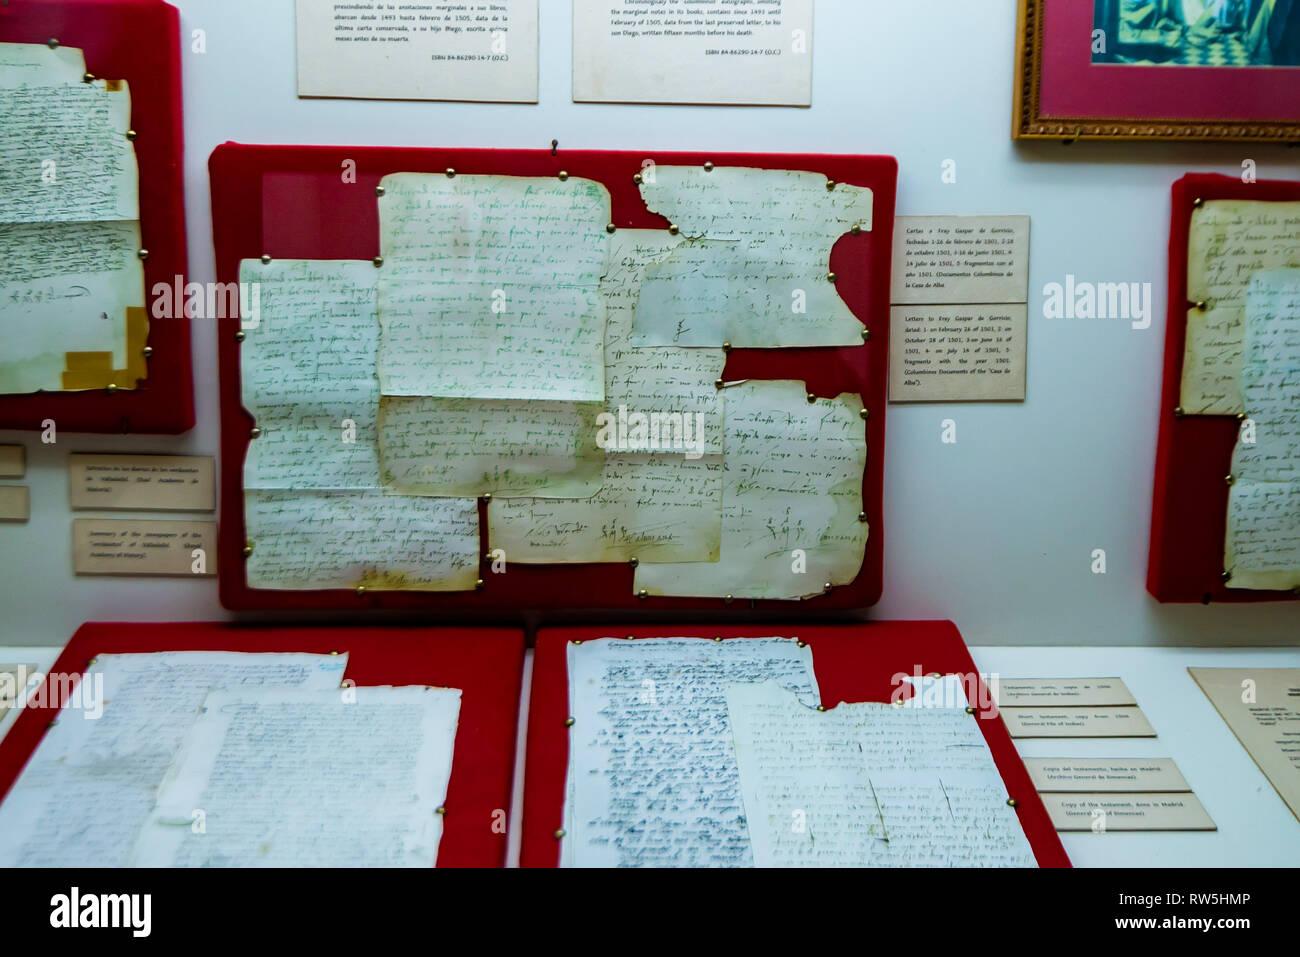 SANTO DOMINGO, DOMINICAN REPUBLIC - 31 OCTOBER 2015: Columbus diaries in museum - Stock Image